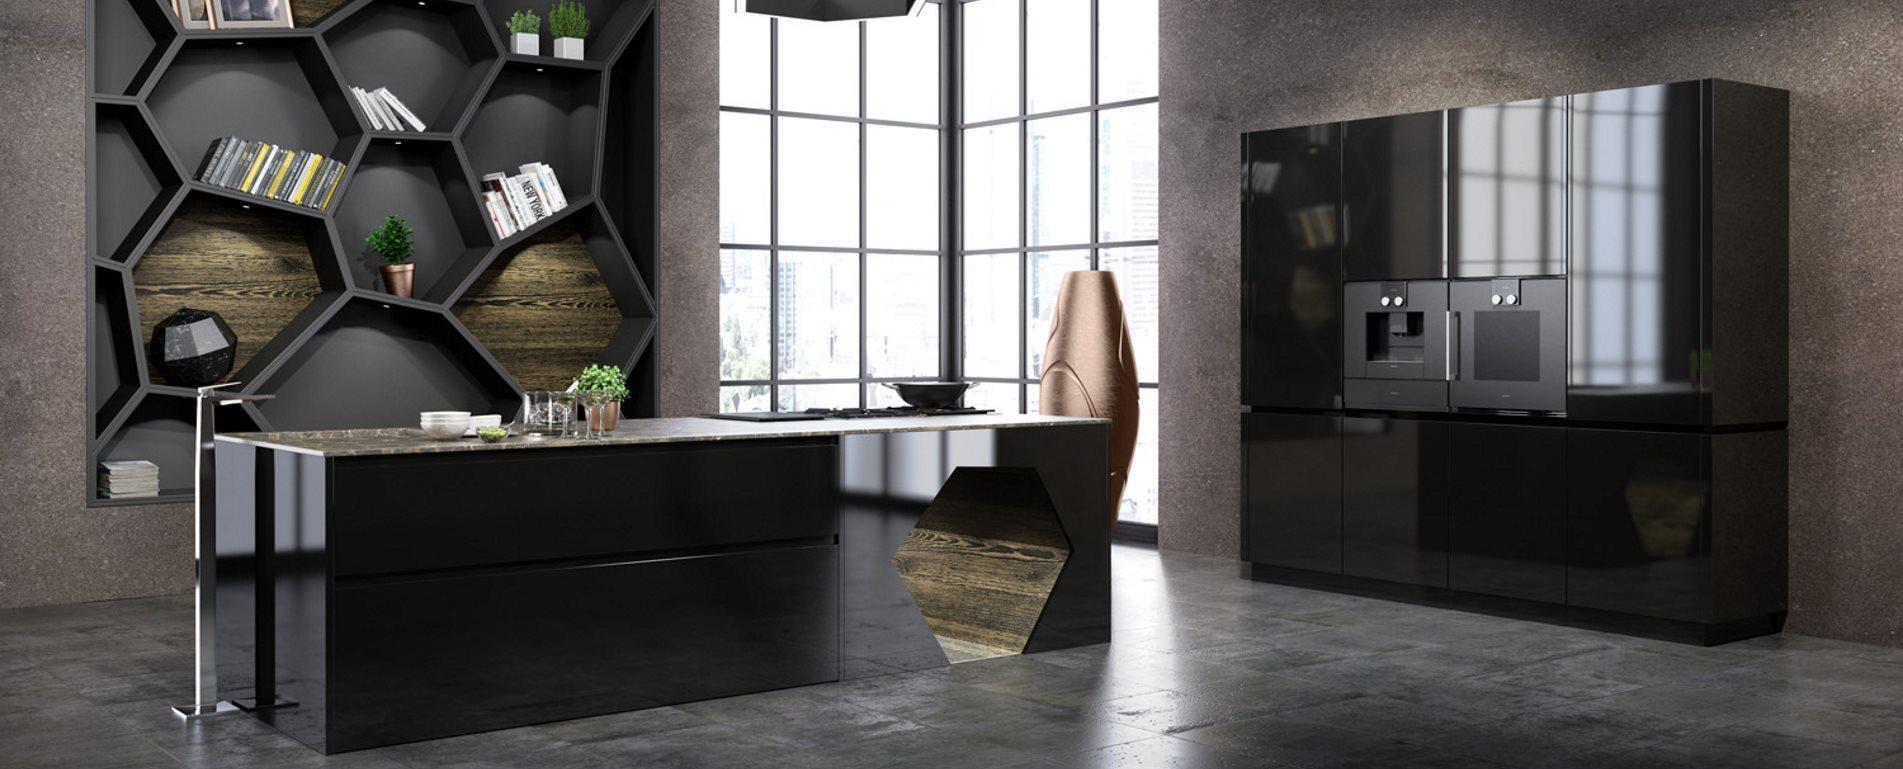 Event kuchen erfurt kuchenstudio und boxspringbetten in for Küchenstudio erfurt